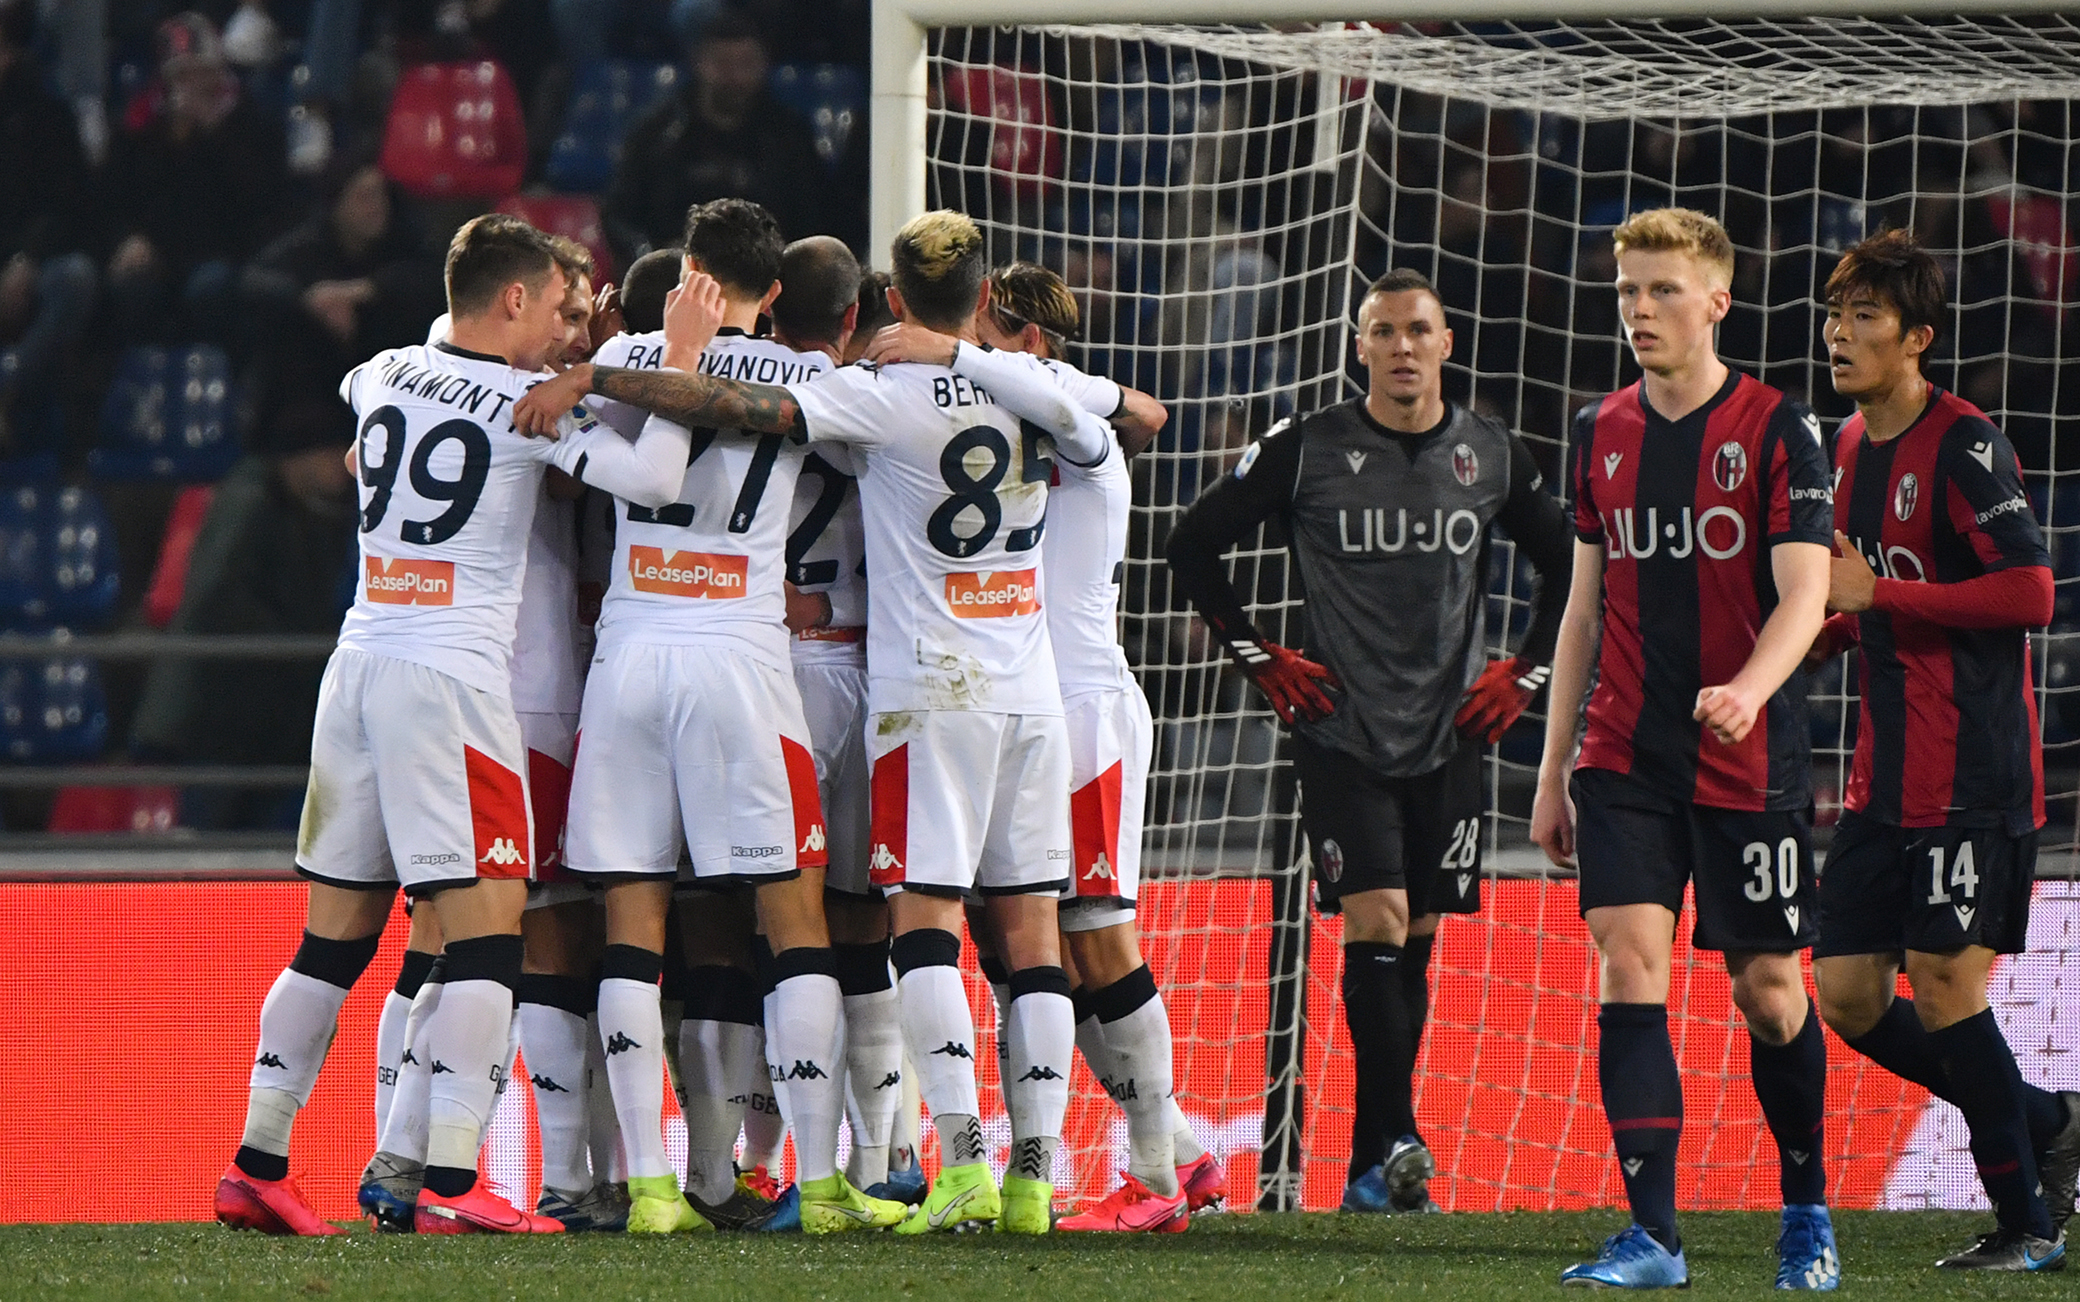 Bologna Genoa 0 3 Gol E Highlights Colpo Salvezza Di Nicola Mihajlovic Chiude In 9 Sky Sport